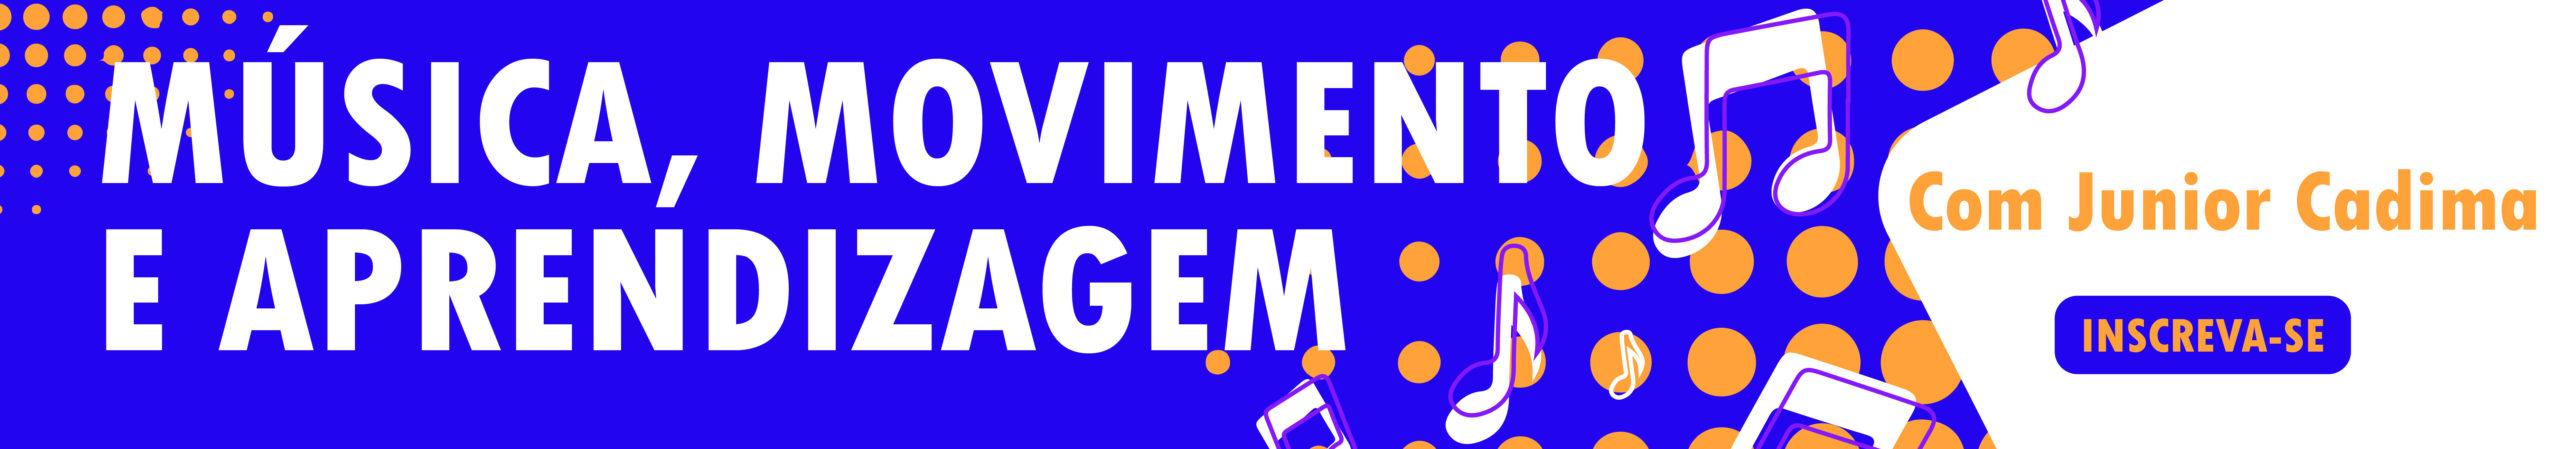 Música, Movimento e Aprendizagem